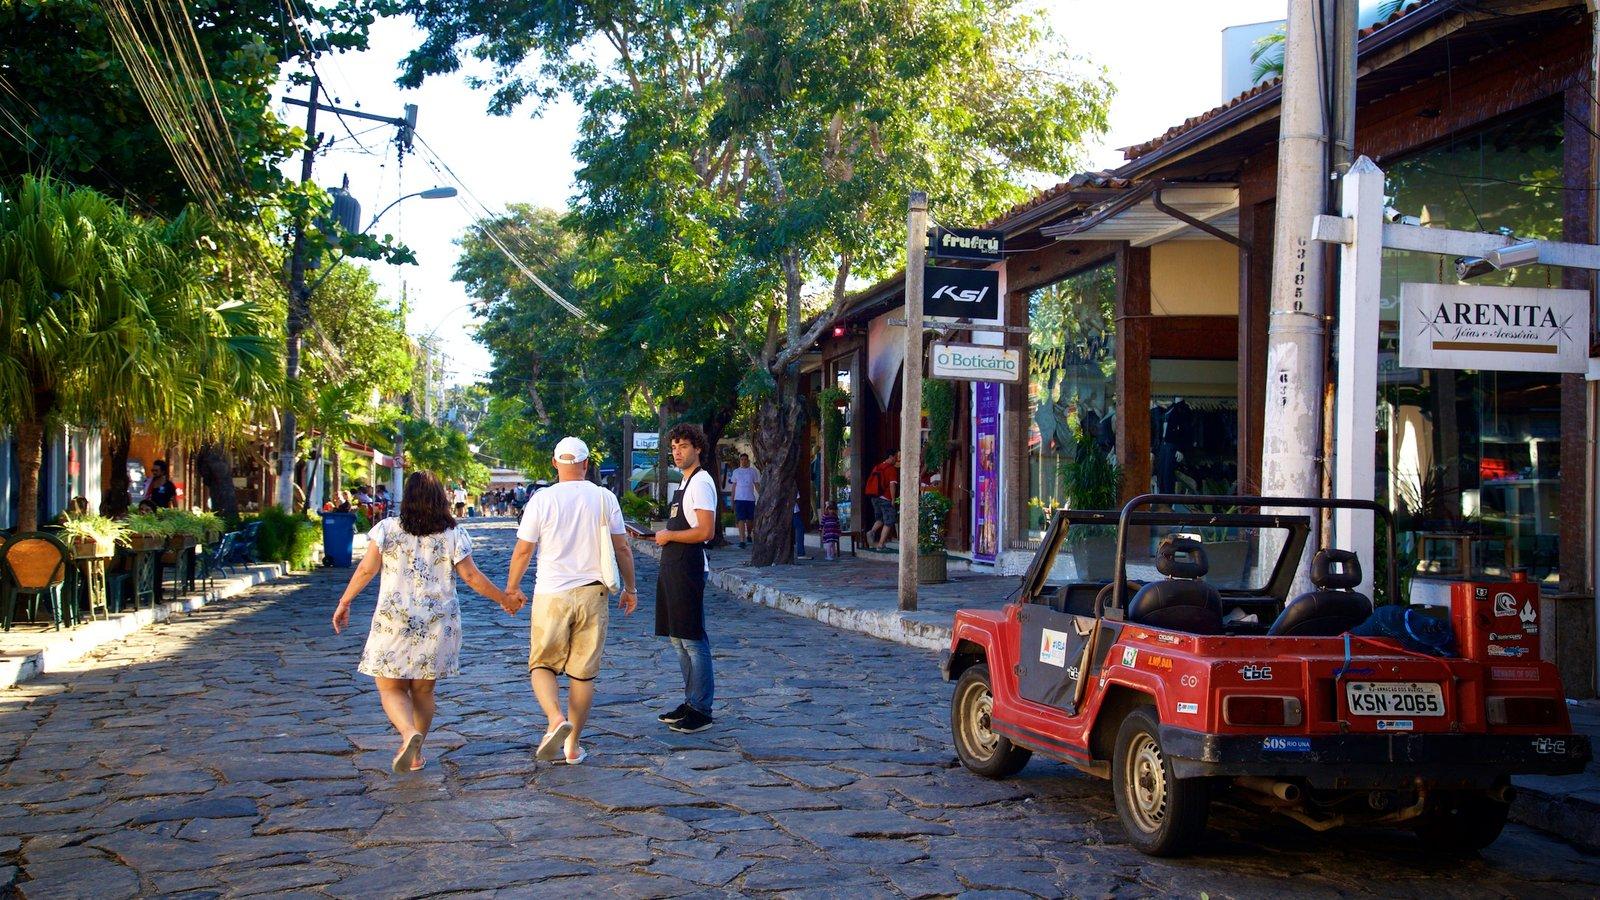 Rua das Pedras que inclui cenas de rua e uma cidade pequena ou vila assim como um casal